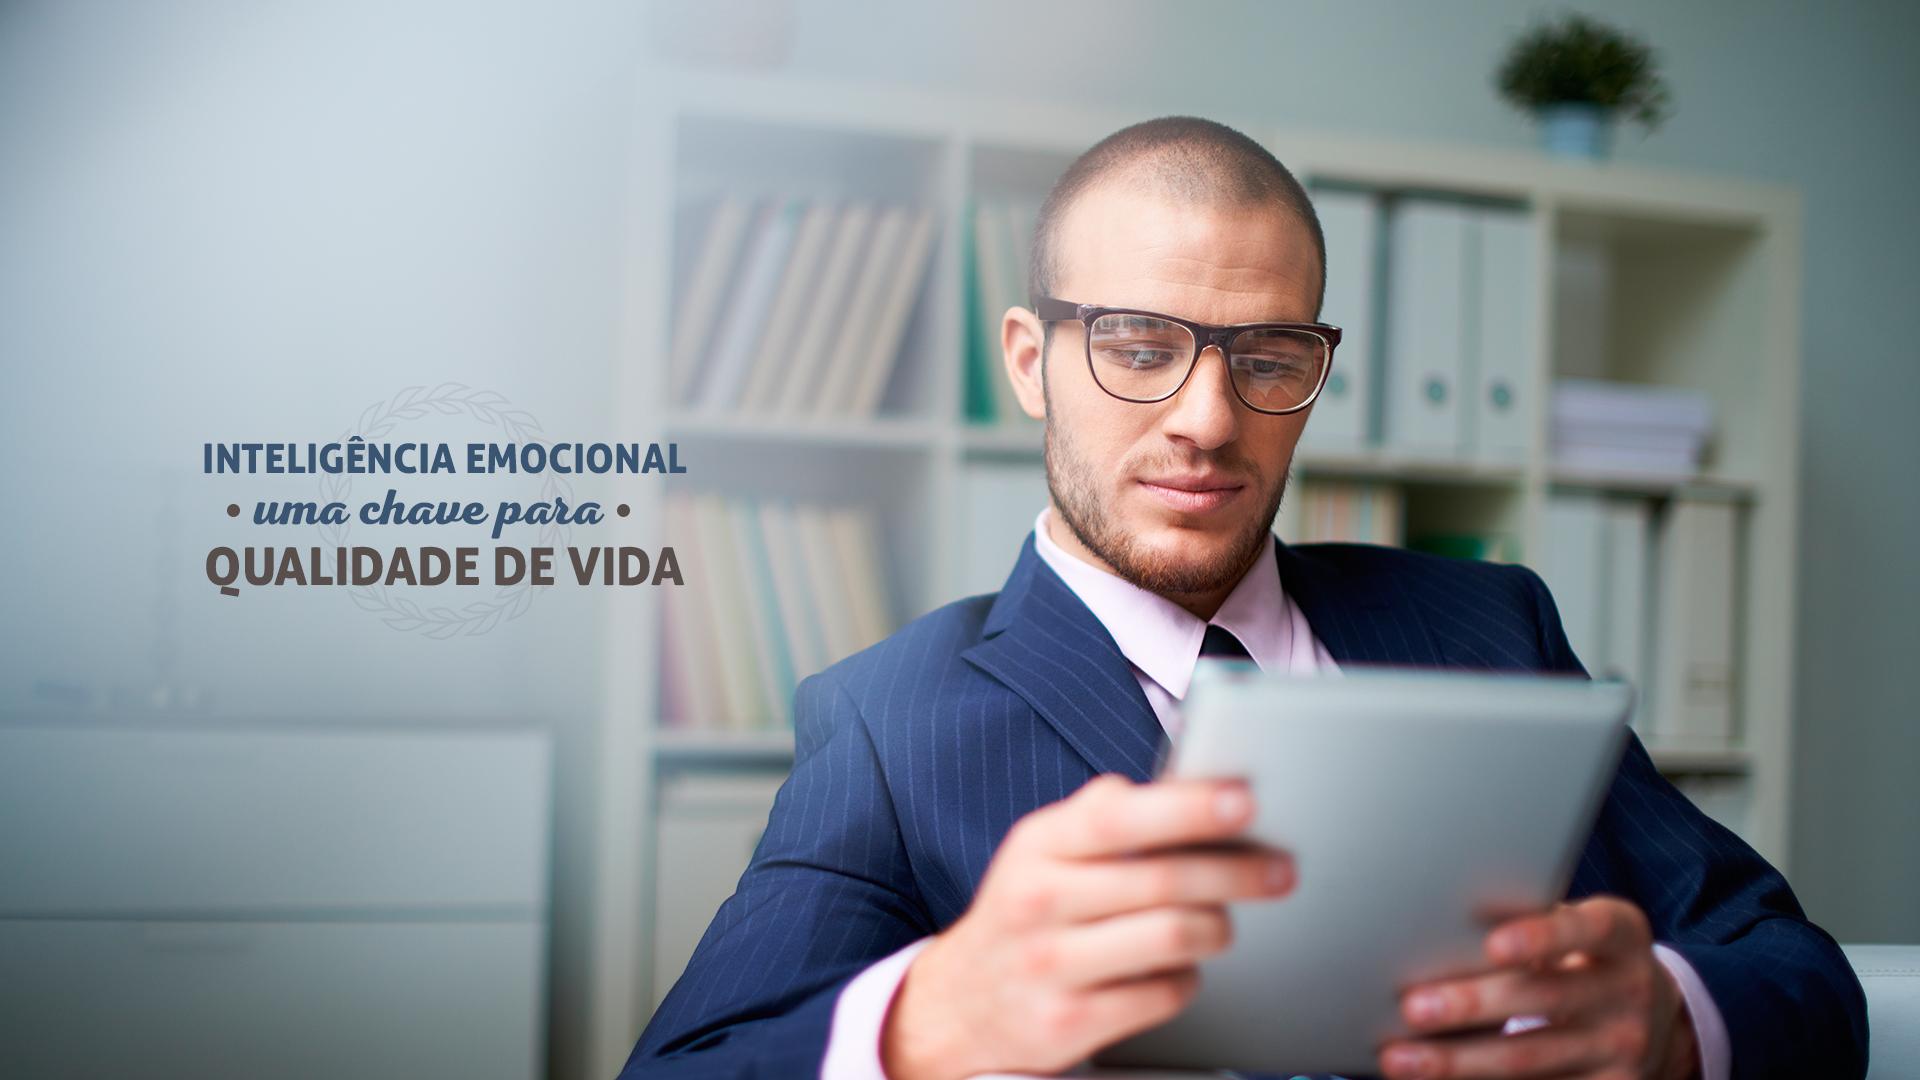 Inteligência Emocional, uma chave para a qualidade de vida no trabalho